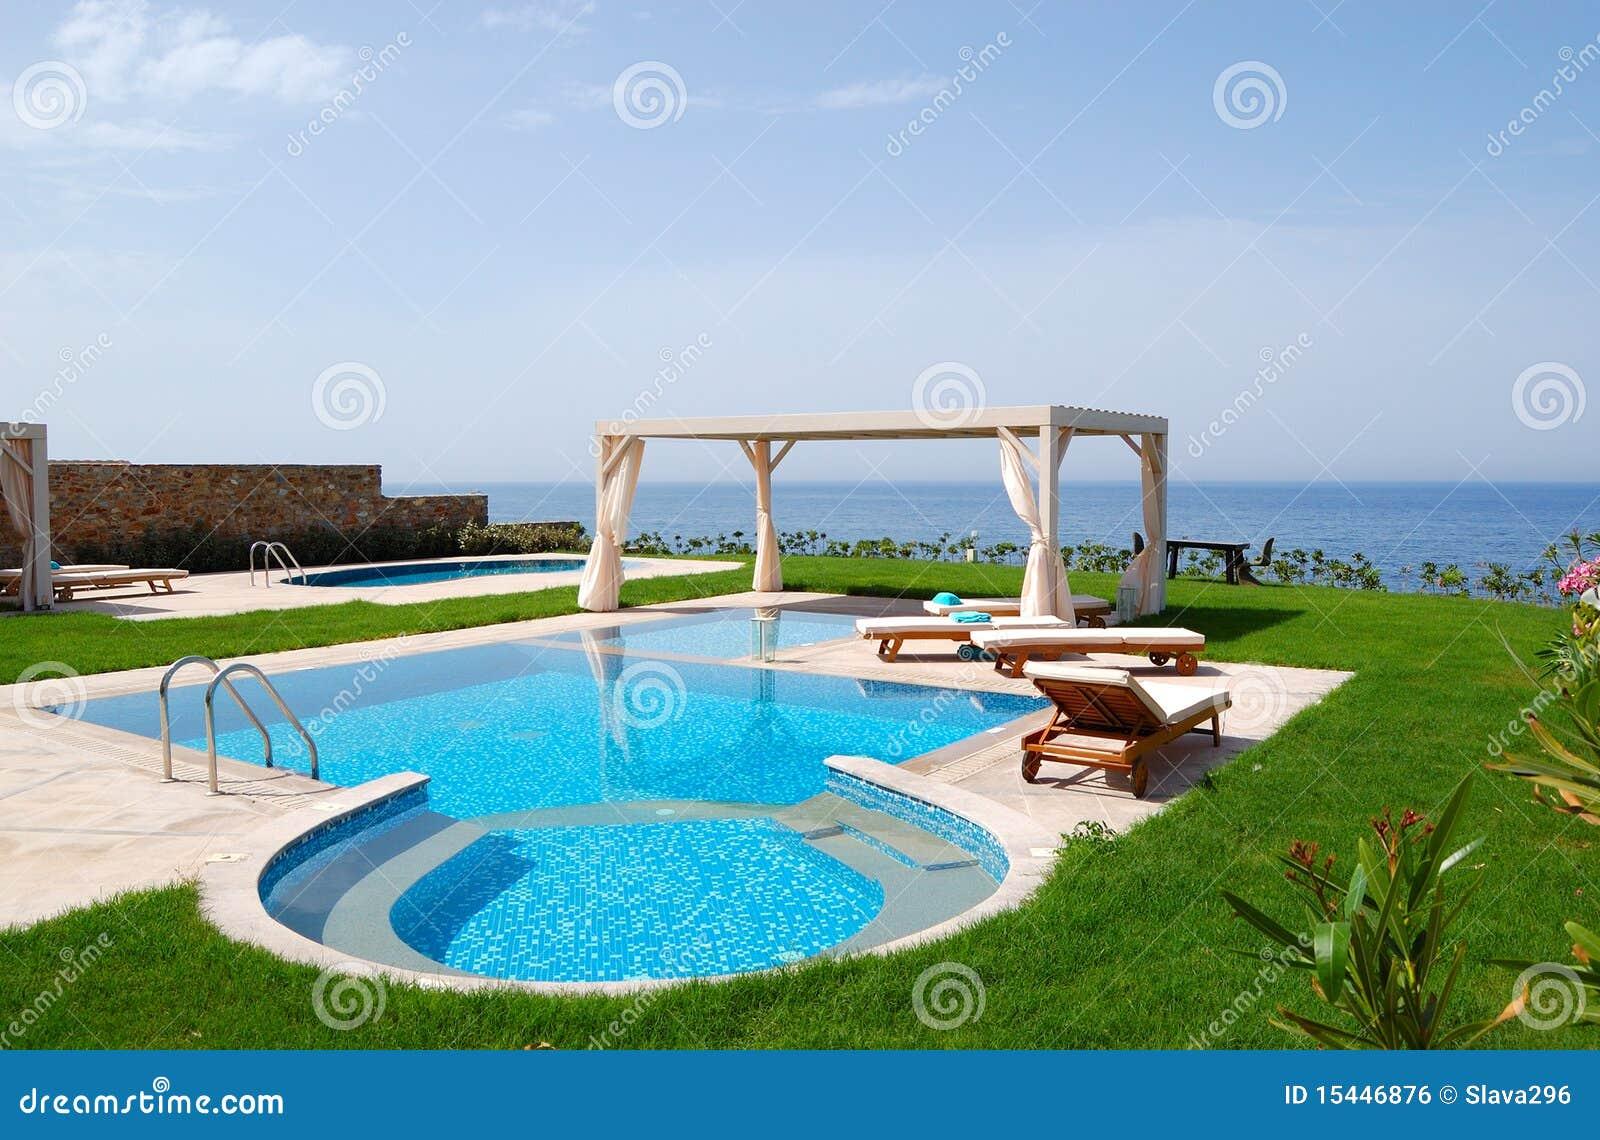 piscina con el jacuzzi imagen de archivo libre de regalas